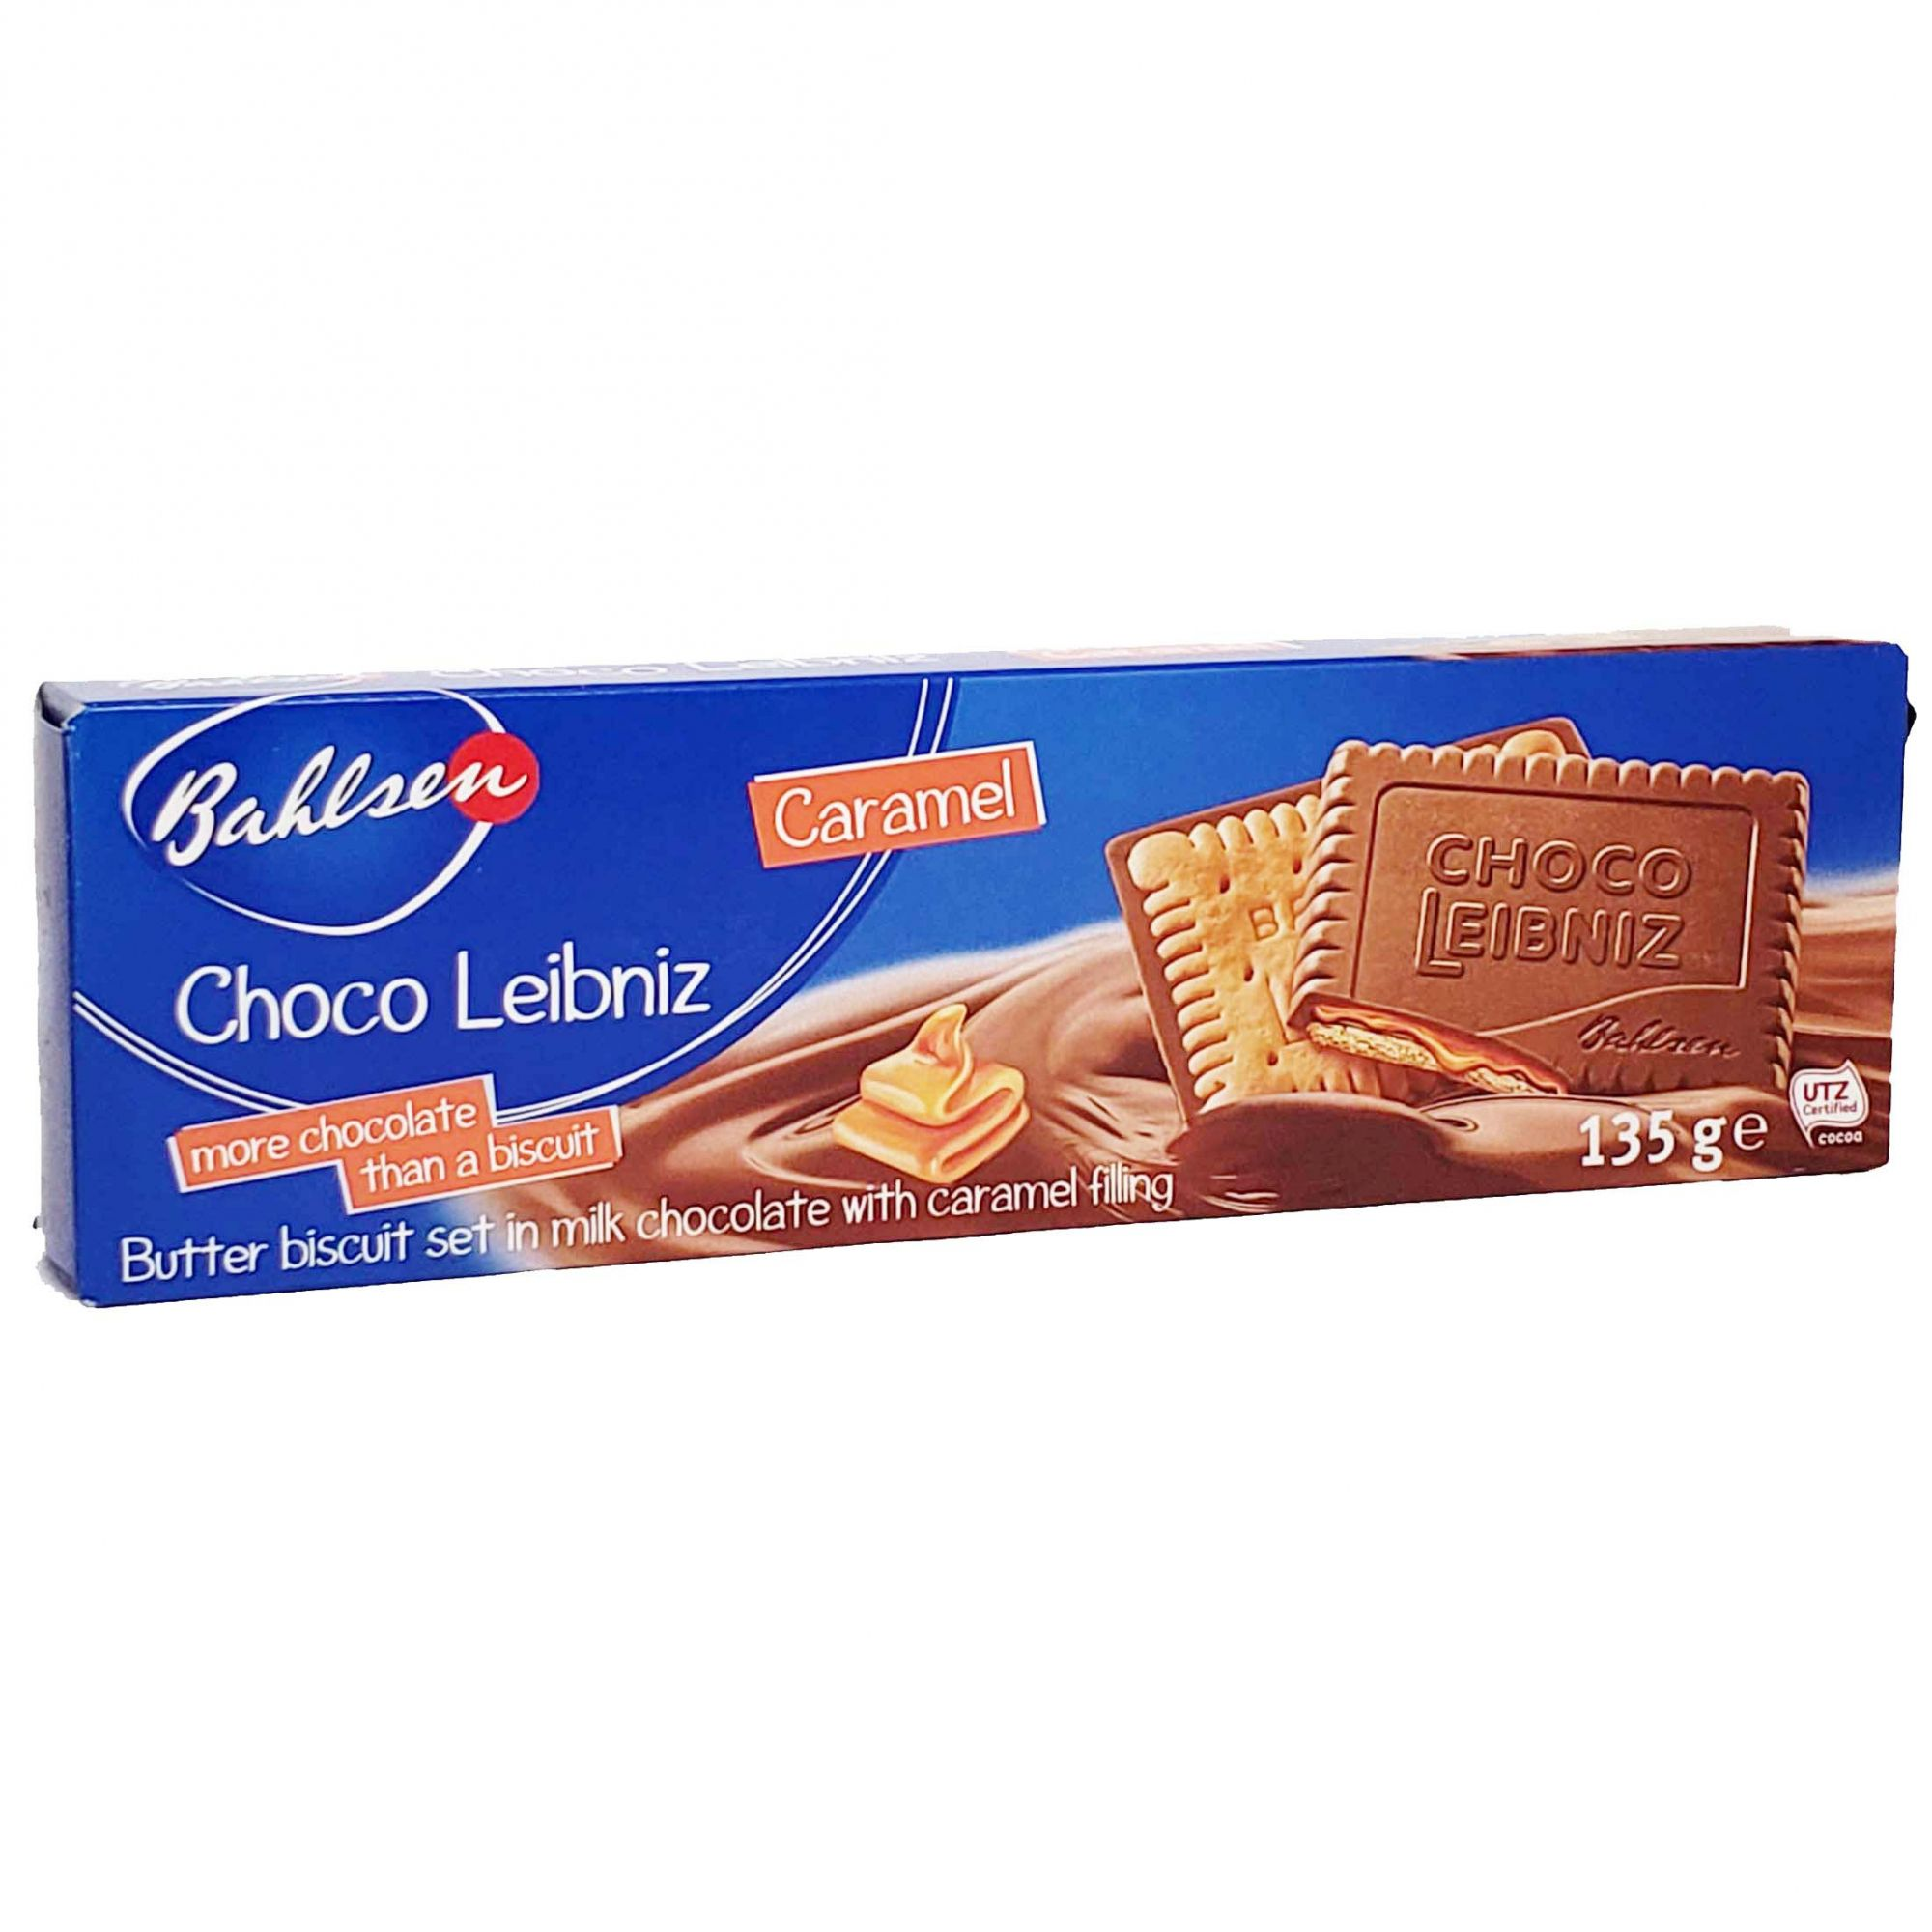 Biscoito Bahlsen Choco Leibniz Caramel - 135g -